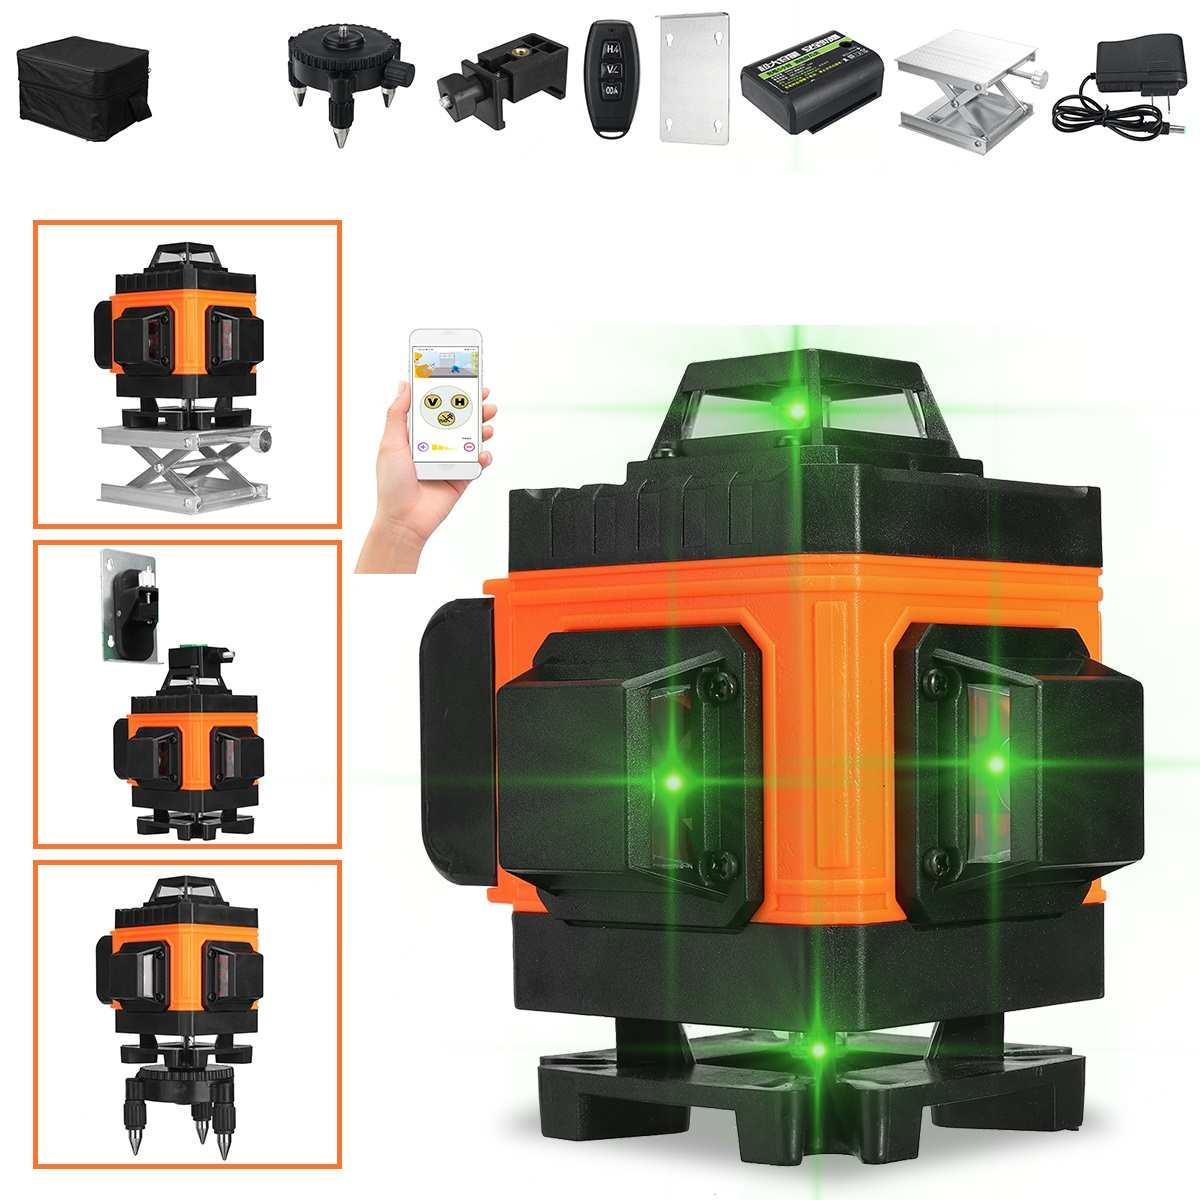 16 خط 4D مستوى الليزر الذاتي التسوية 360 الأفقي والرأسي عبر سوبر قوية مستوى الليزر الأخضر التطبيق/Cotrol عن بعد